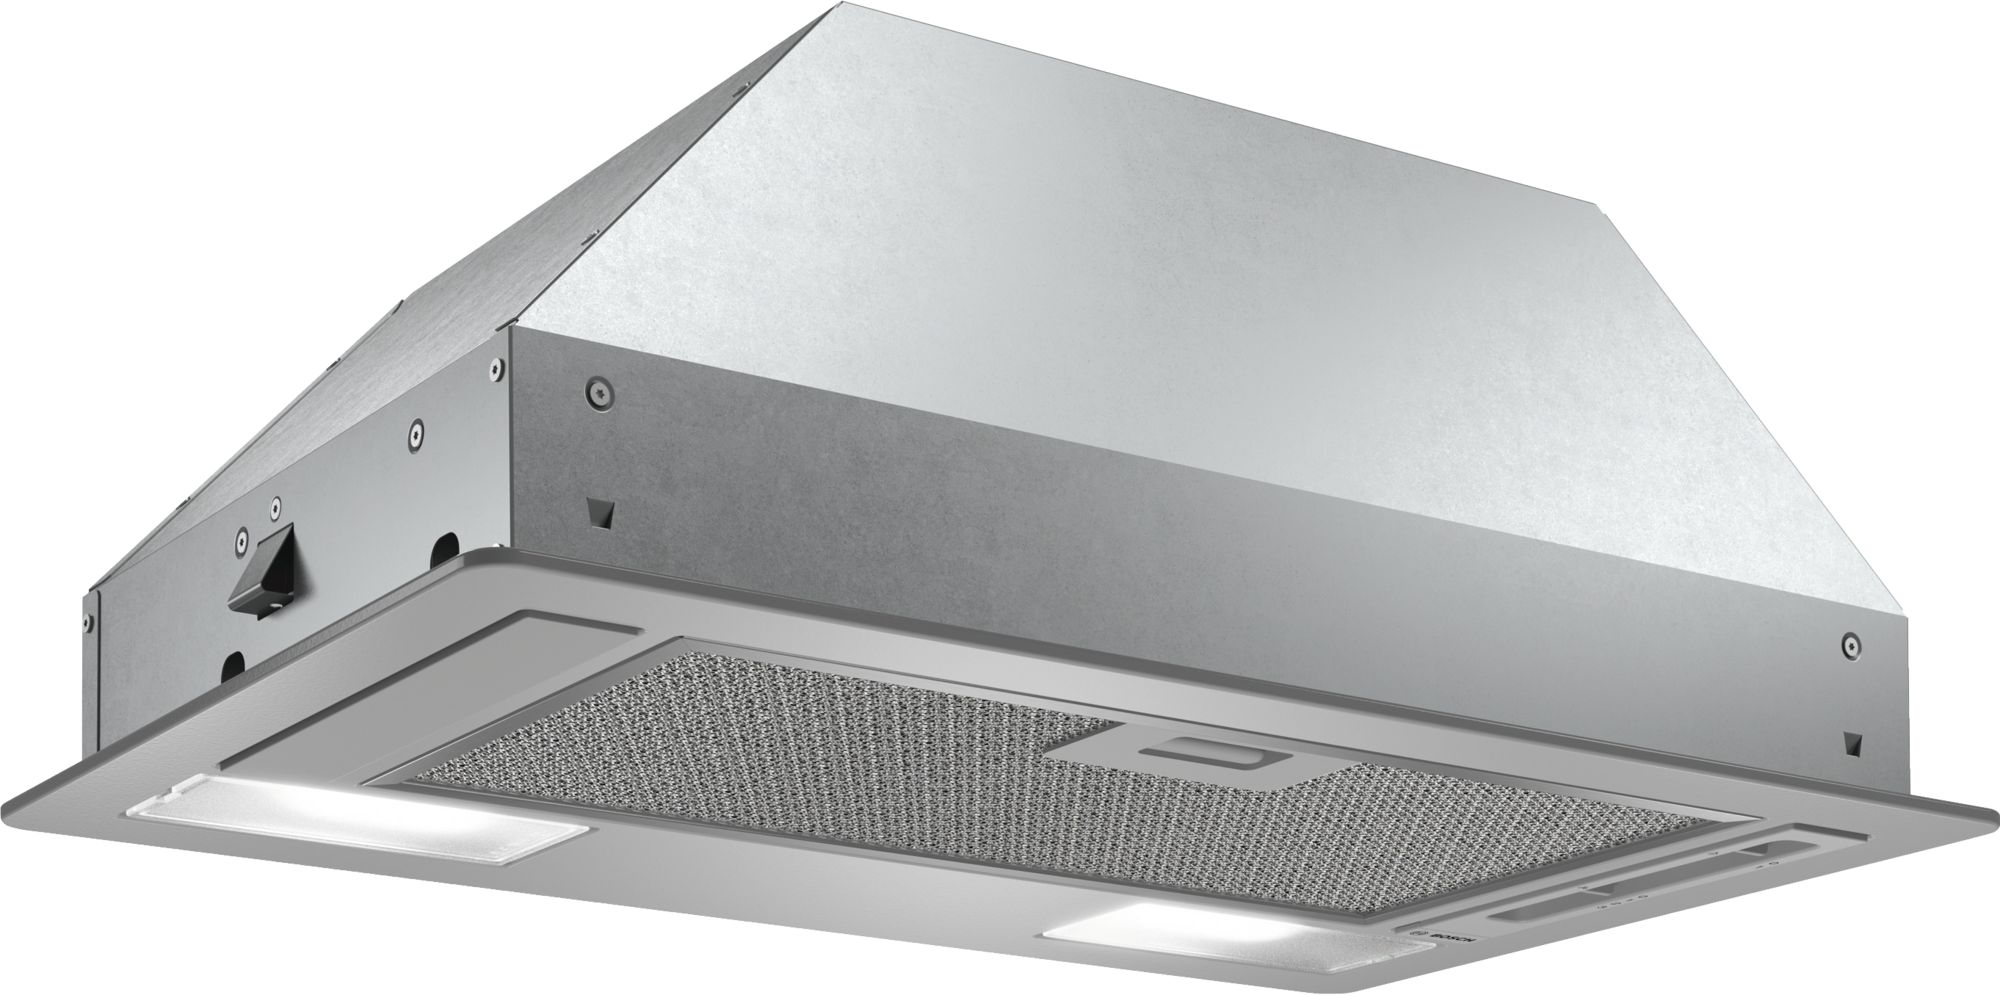 Serie | 2 Kuhinjski aspirator53 cm